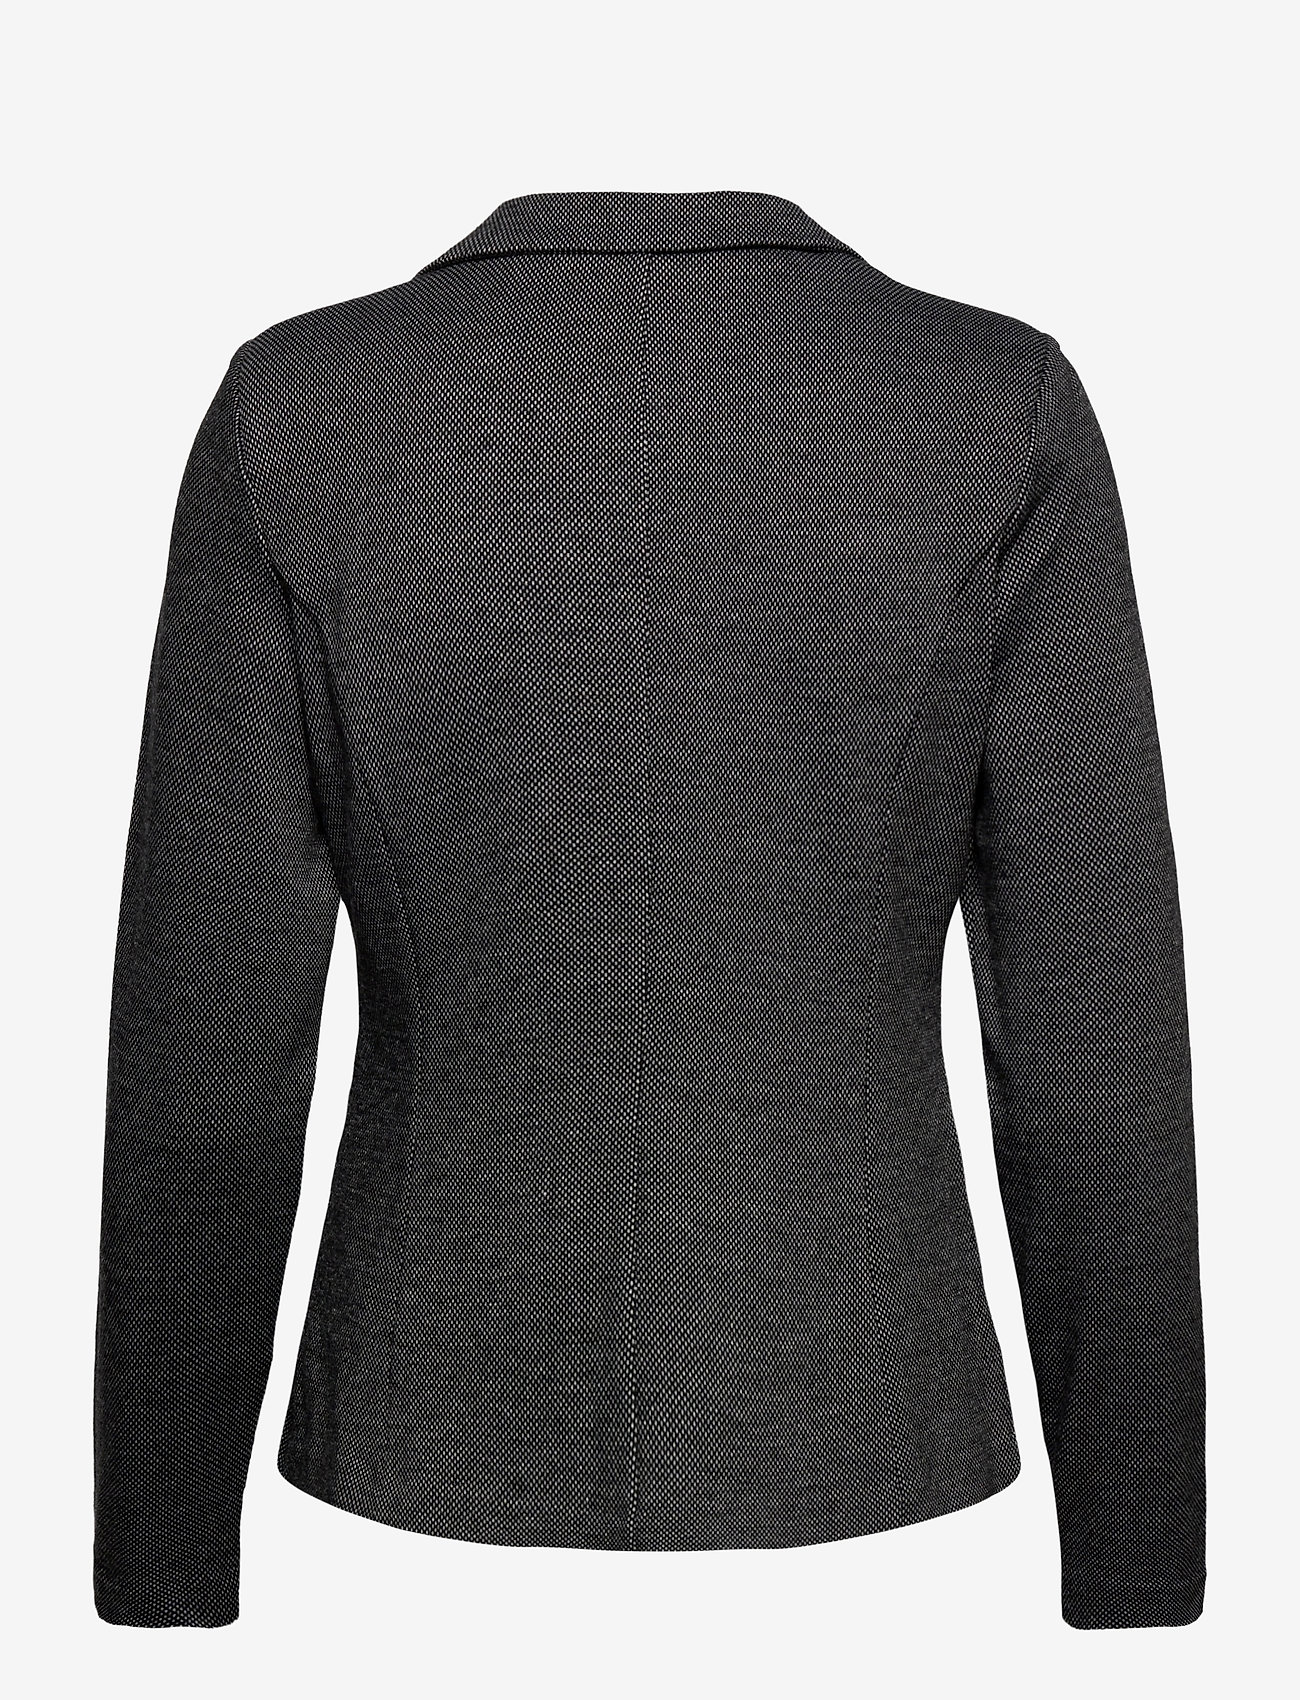 ICHI - IHKATE JACQUARD BL - getailleerde blazers - black - 1